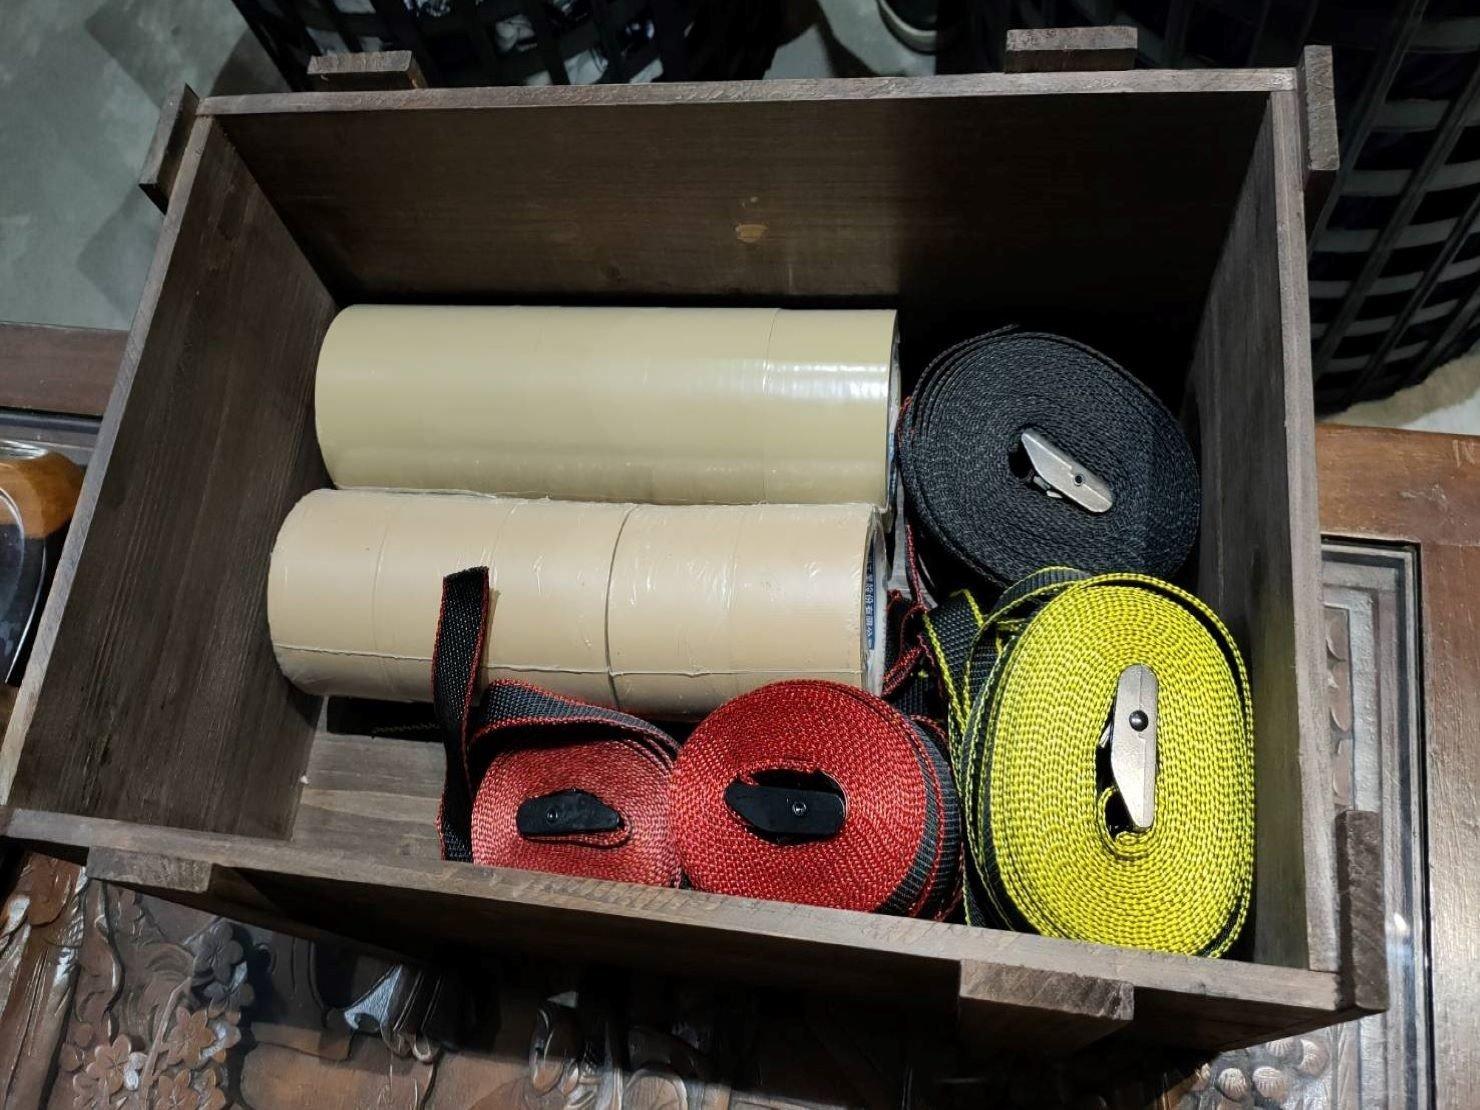 布繩、束帶用於可重覆使用之大型家具、物品上之捆綁固定;膠膜.膠帶(透明和布紋)確保家具類門把和抽屜類等黏貼防護